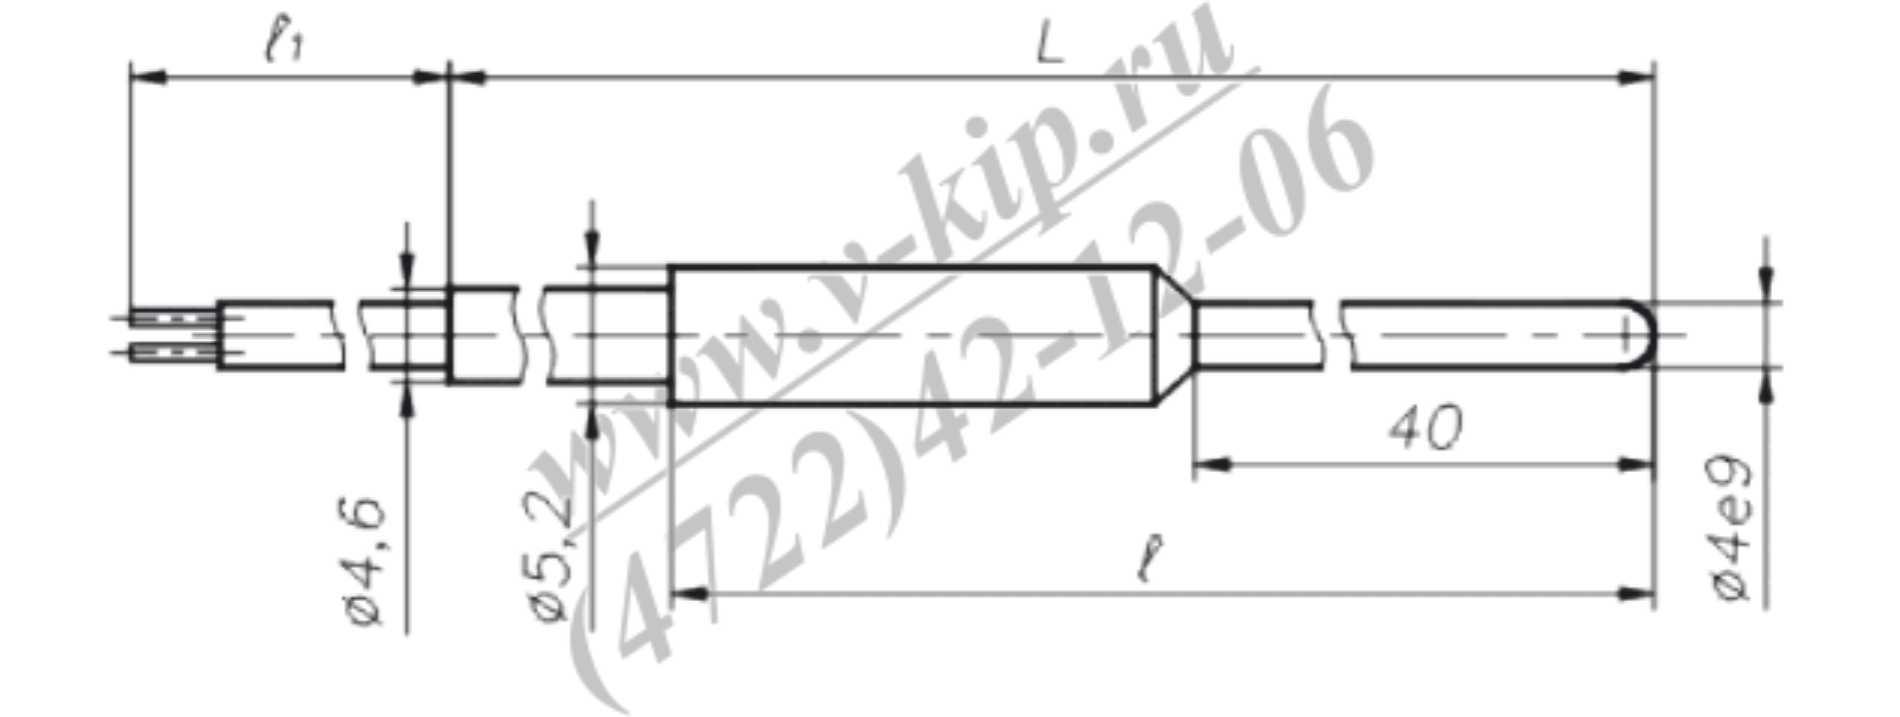 Термопреобразователь ТСП-1790В габариты